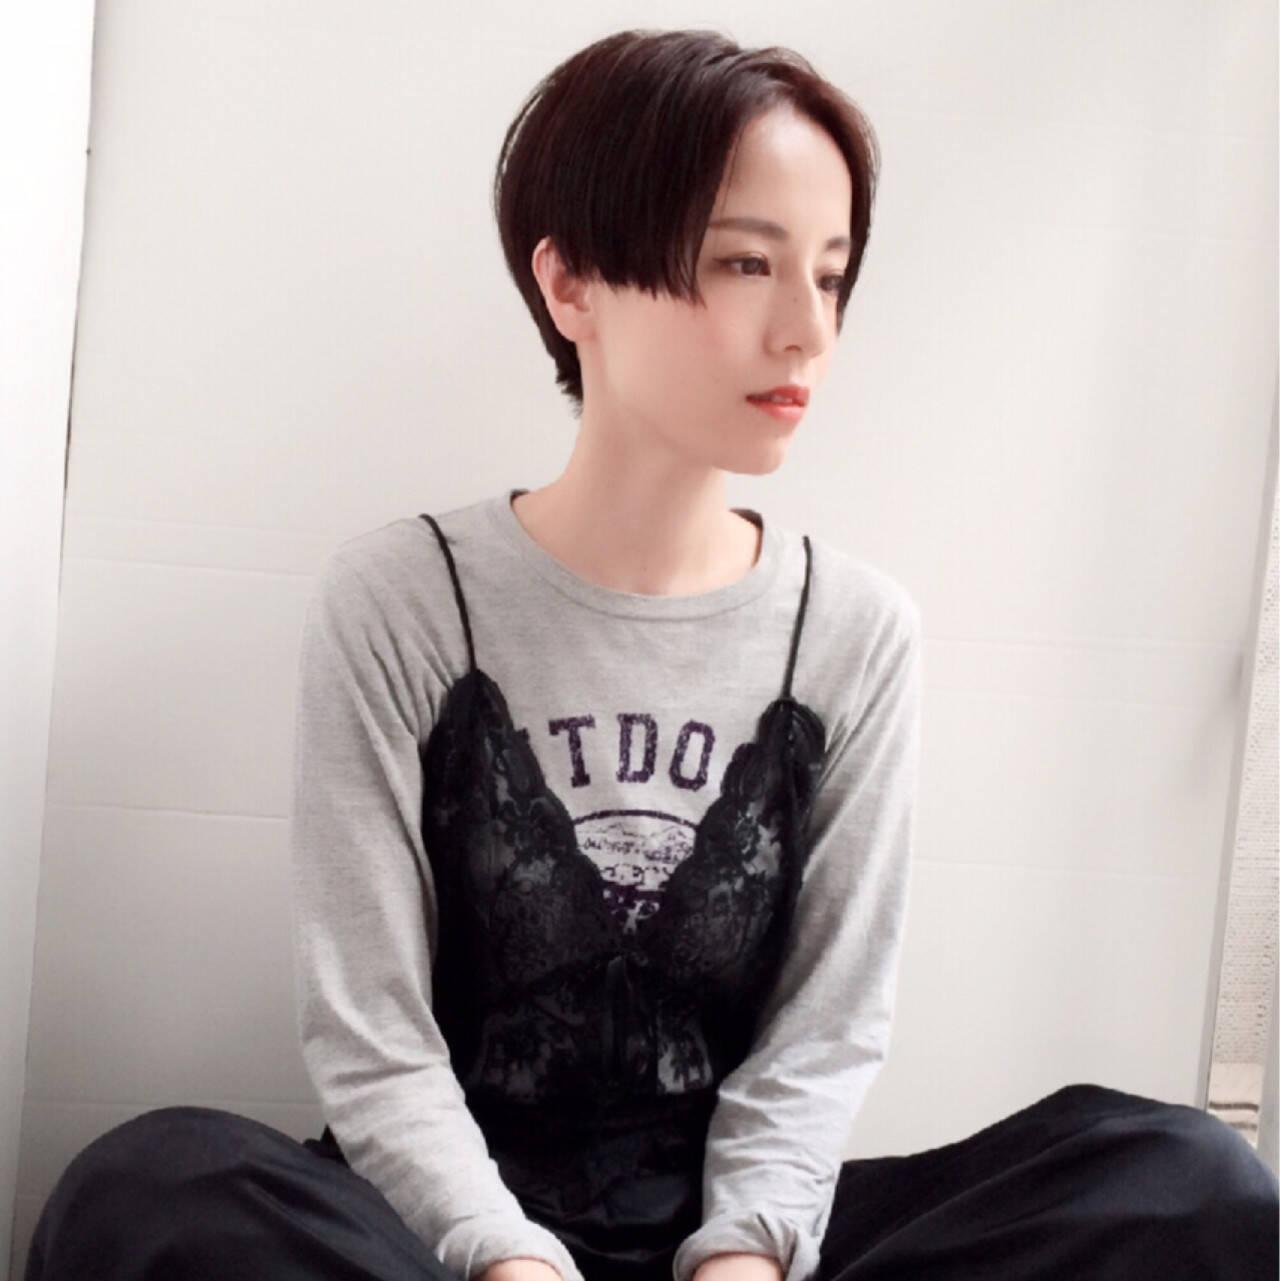 黒髪 ショート センターパート アッシュヘアスタイルや髪型の写真・画像